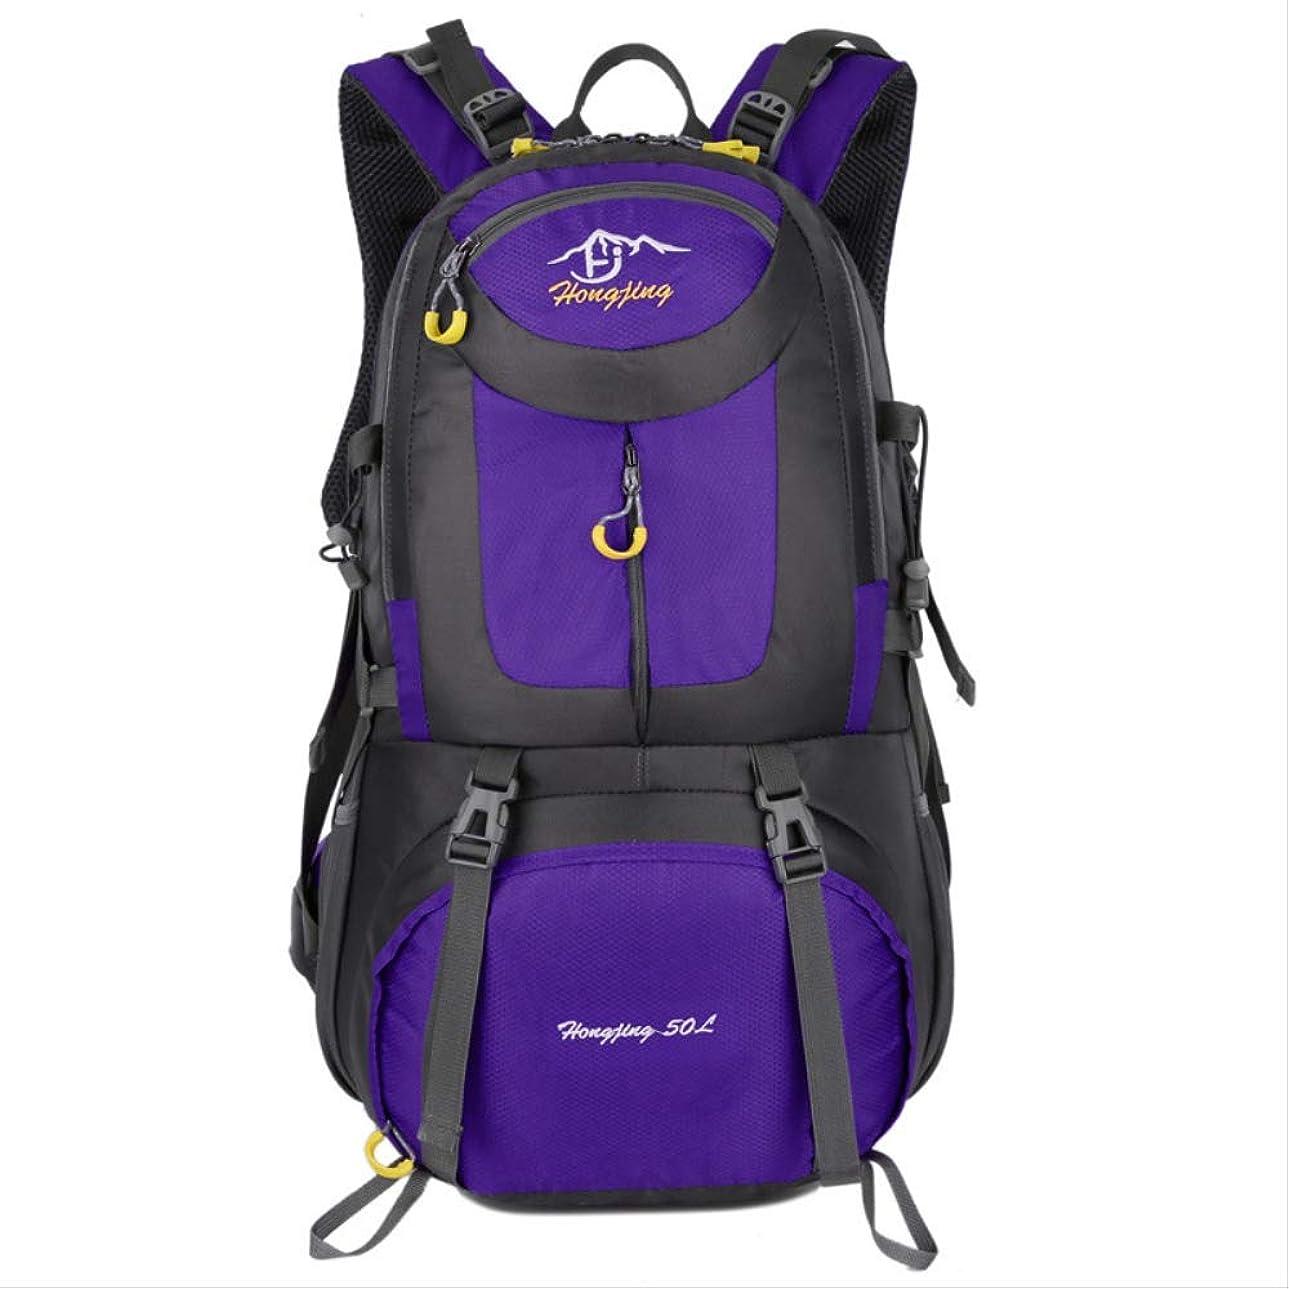 適応ドキドキ2020新しいユニセックスアウトドア登山ショルダーバッグ大容量ファッショントレンドトラベルバッグウォーキングライト快適スポーツバックパック